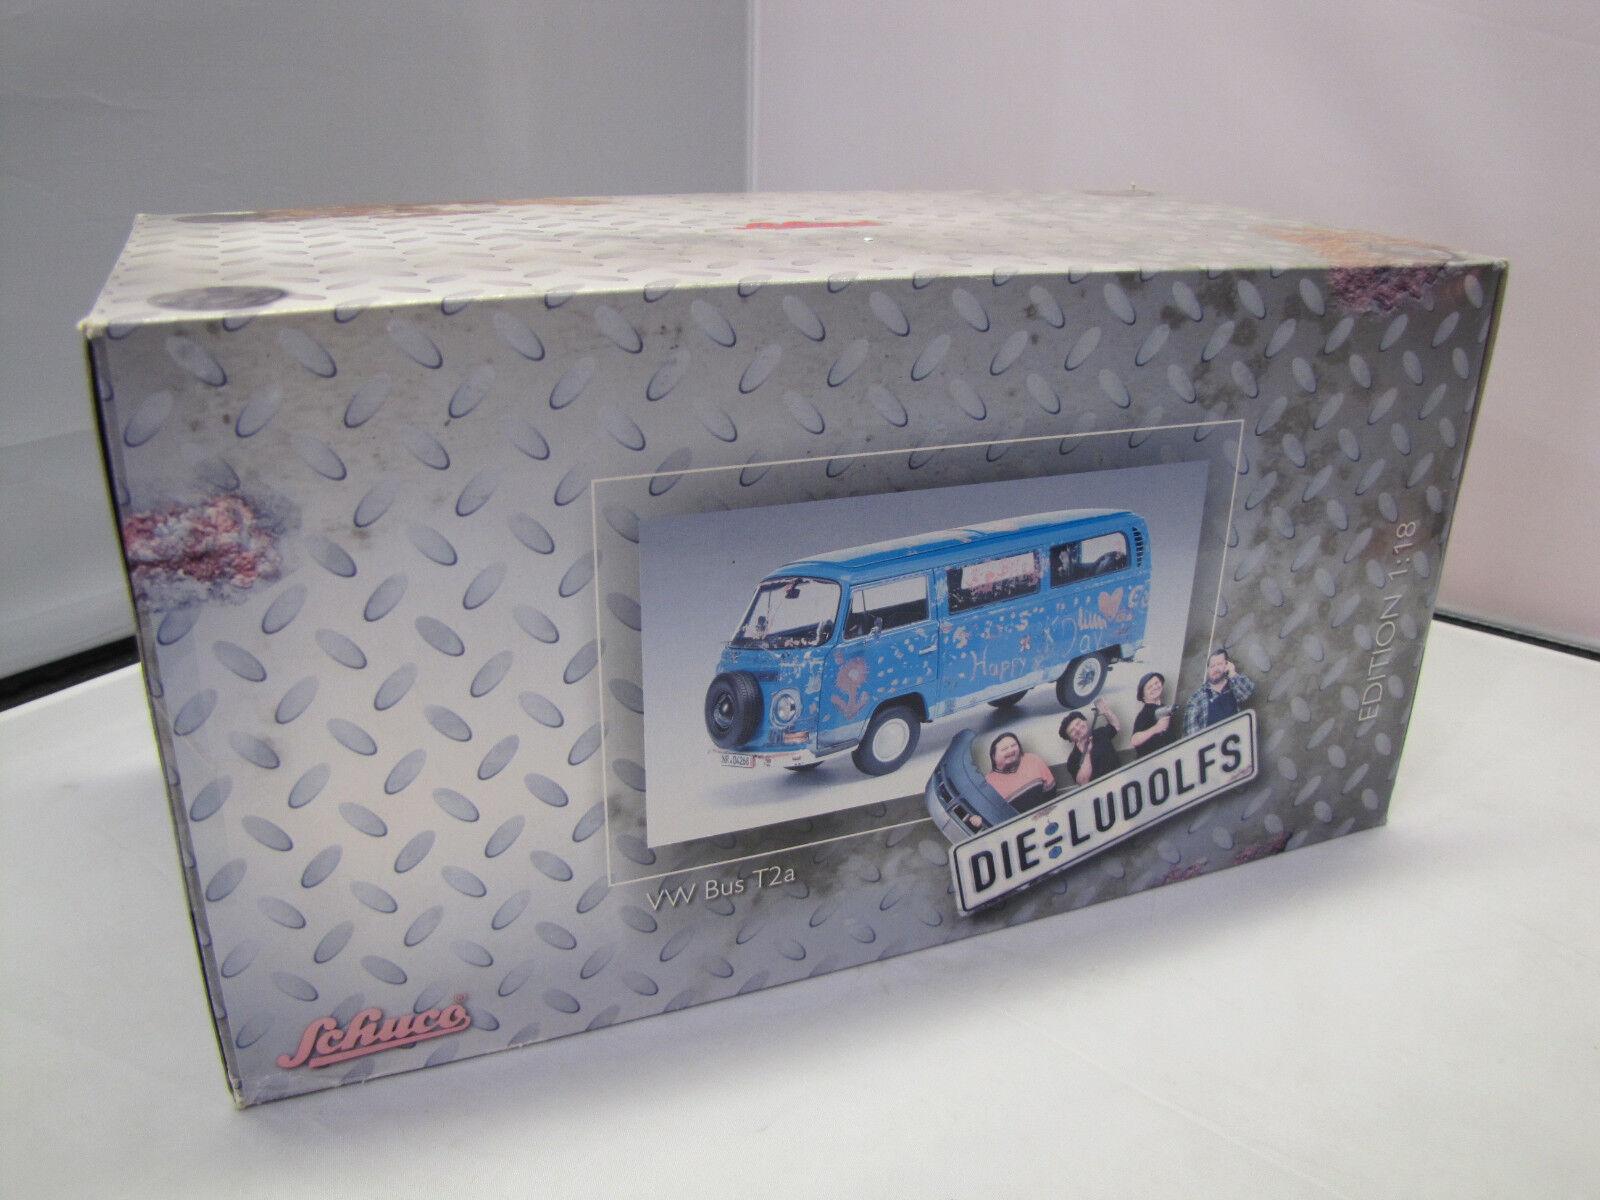 Schuco - Art.Nr. 450019300 - Volkswagen T2a Bus - Die Ludolfs - 1 18 - Rarität    New Product 2019